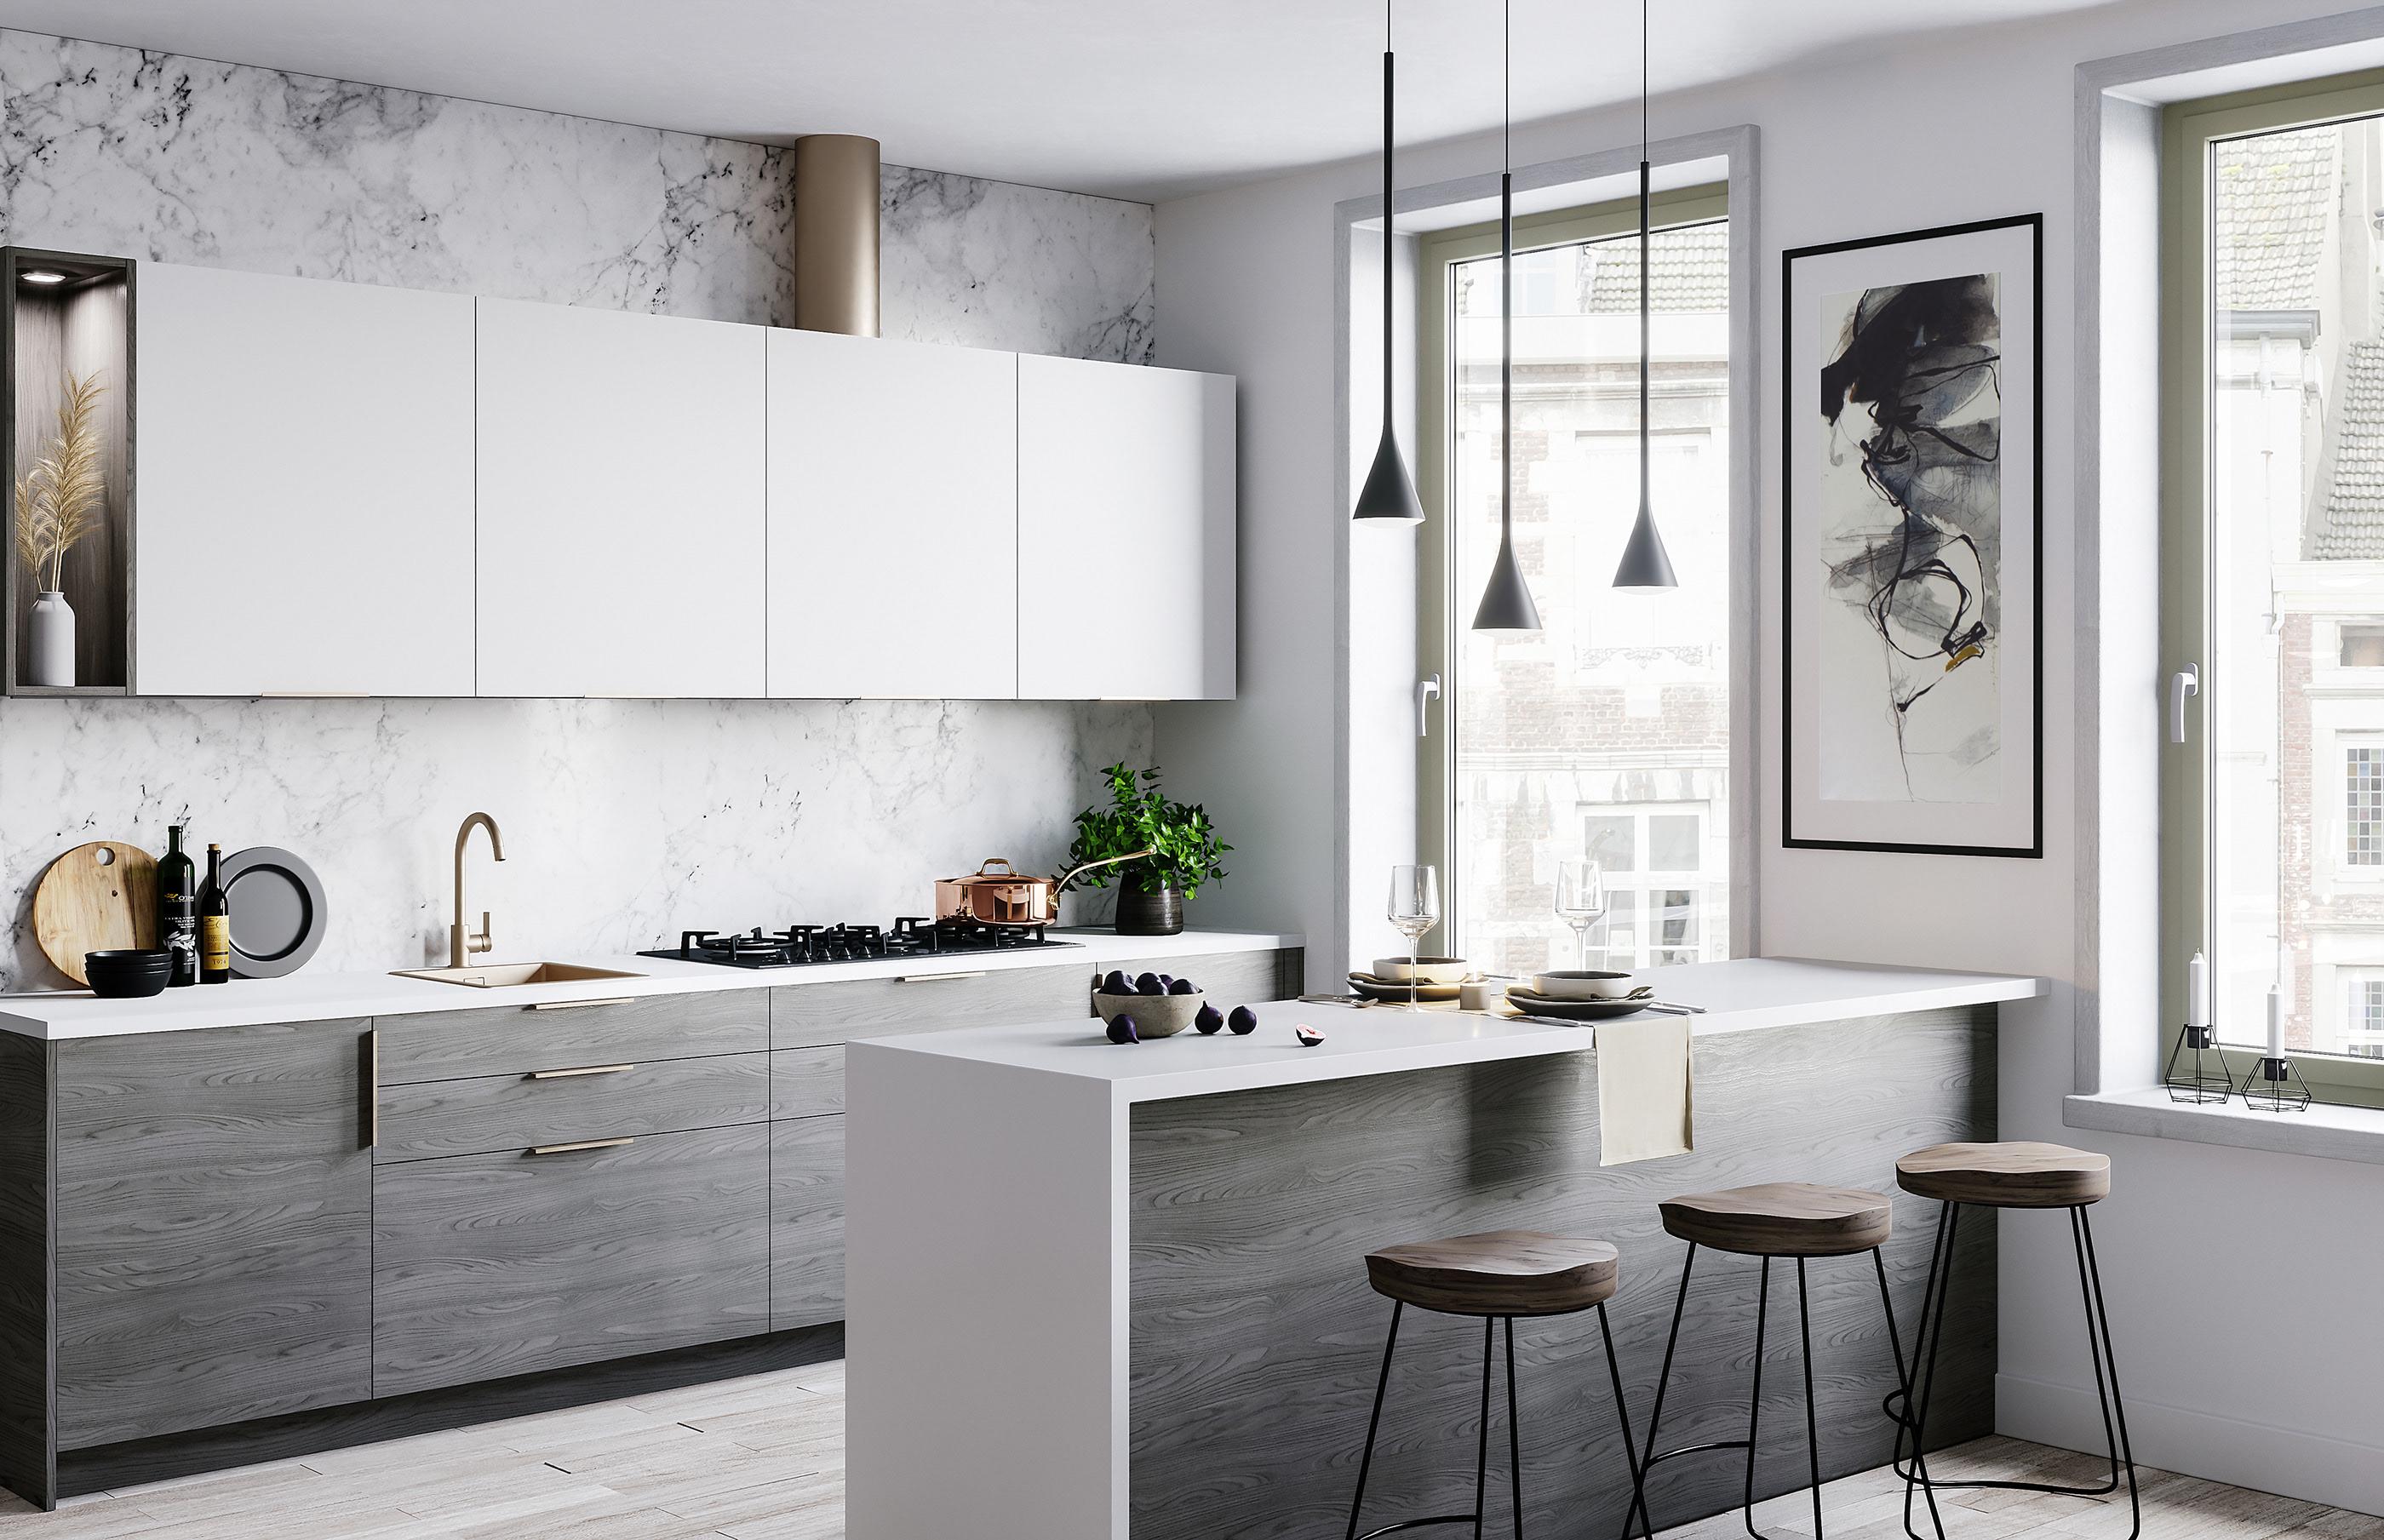 Modern Kitchen   Interior Renders on Behance